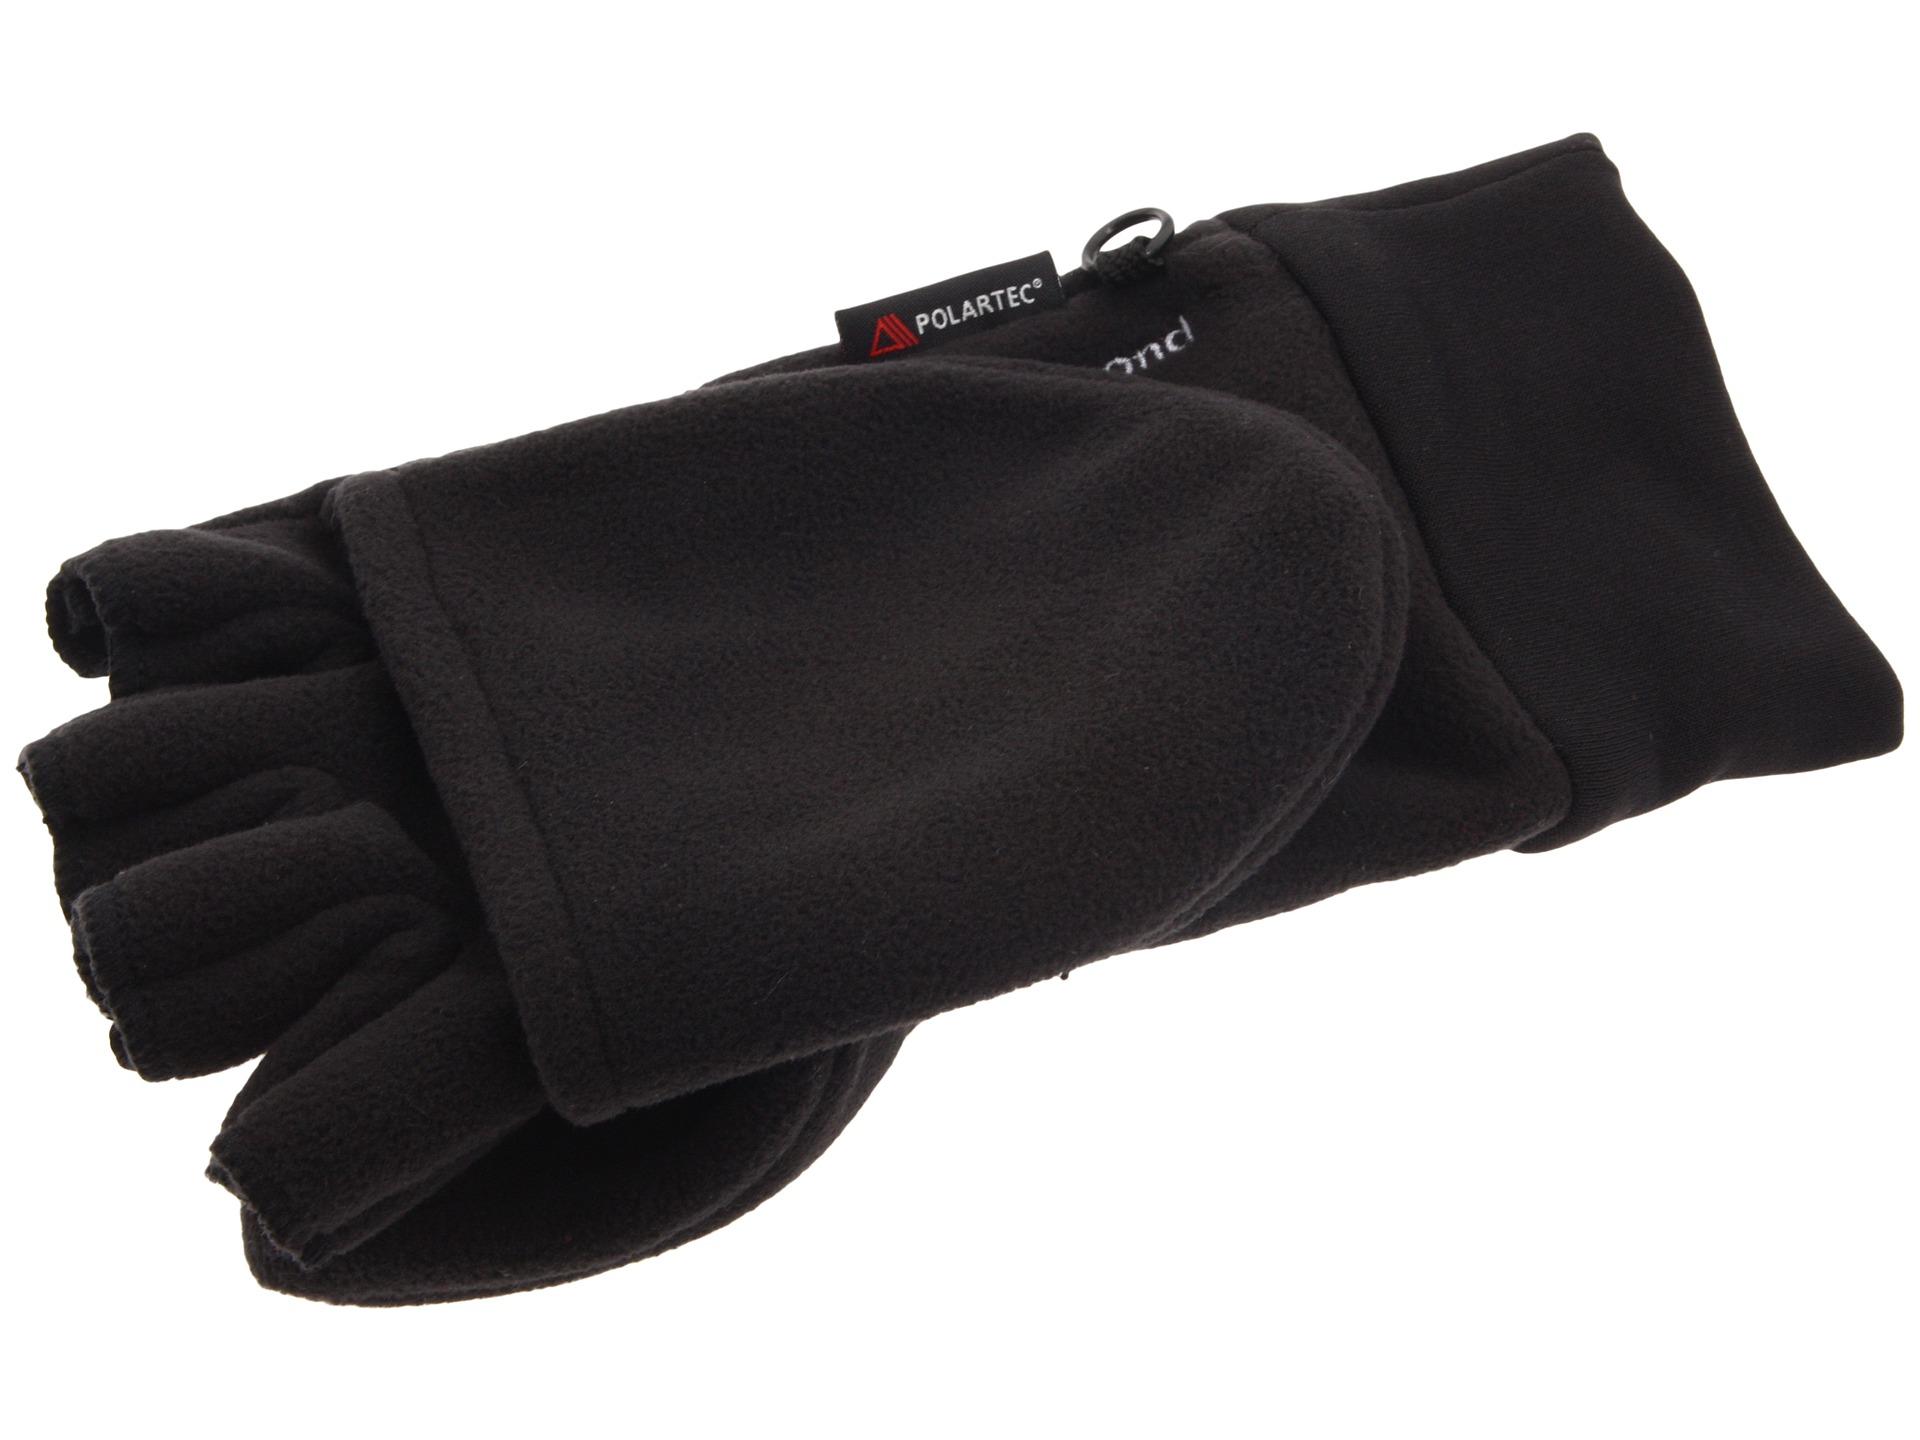 Fingerless gloves climbing -  Climbing Gear Marmot Fingerless Gloves Gloves